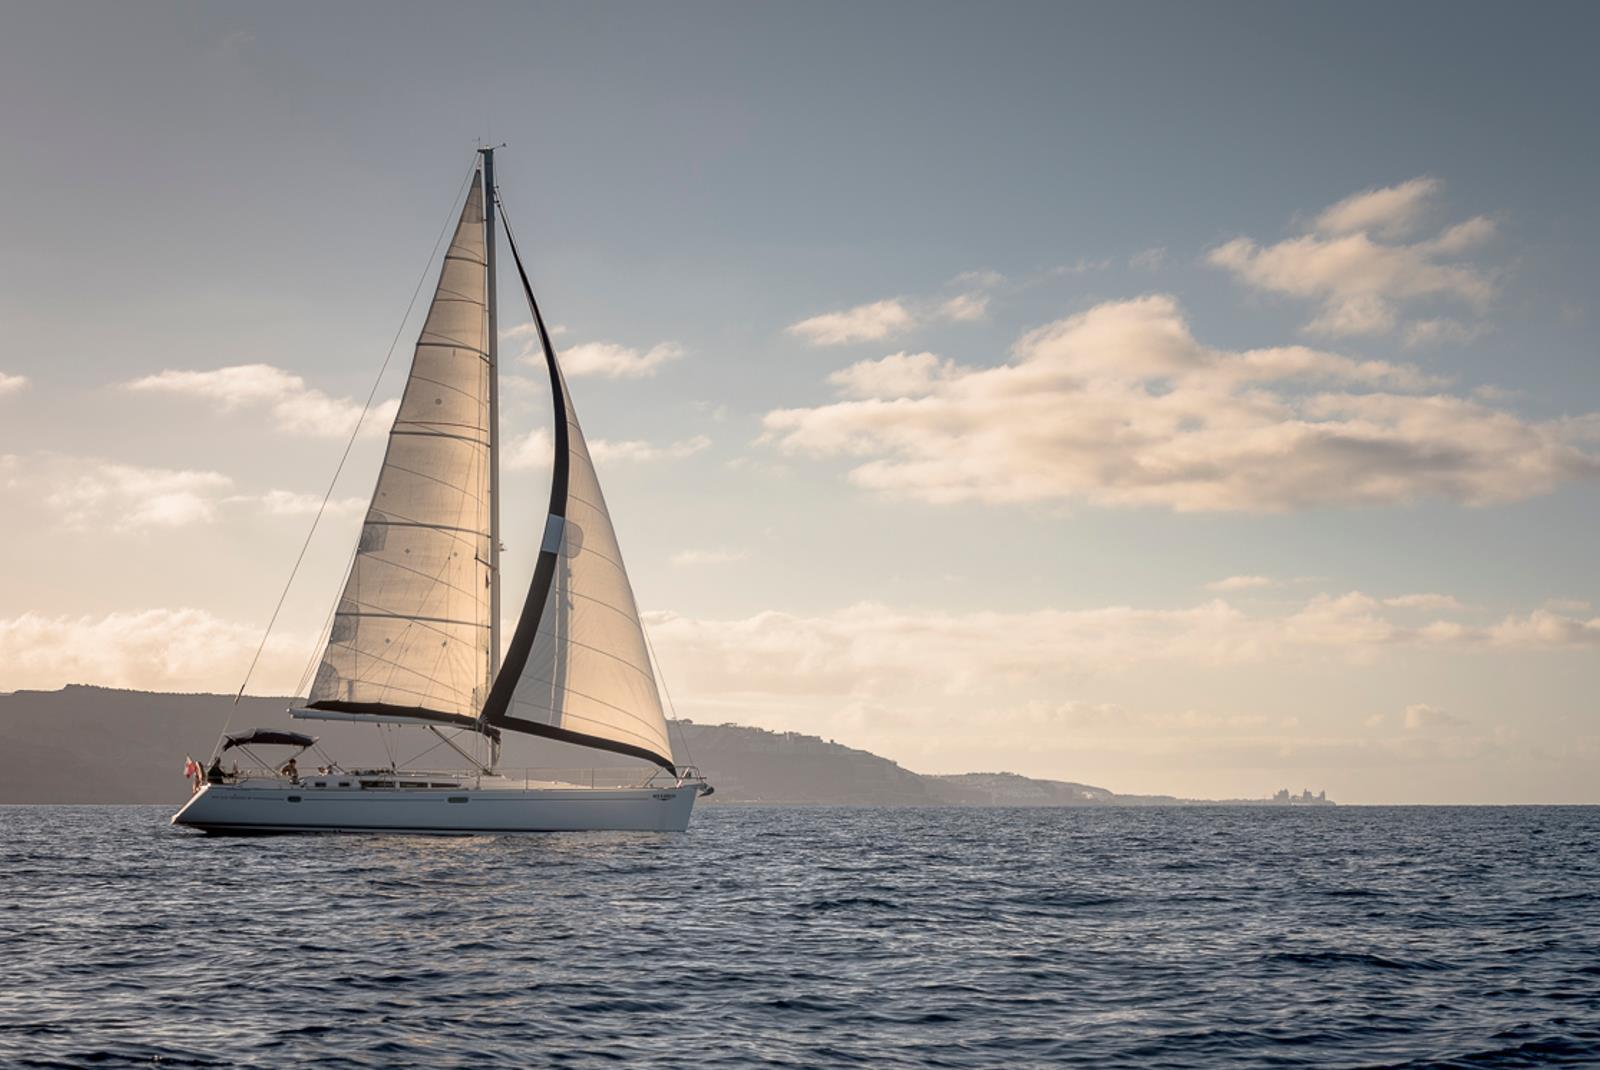 Sailing-Boat-Trip-from-Puerto-de-Mogan-1